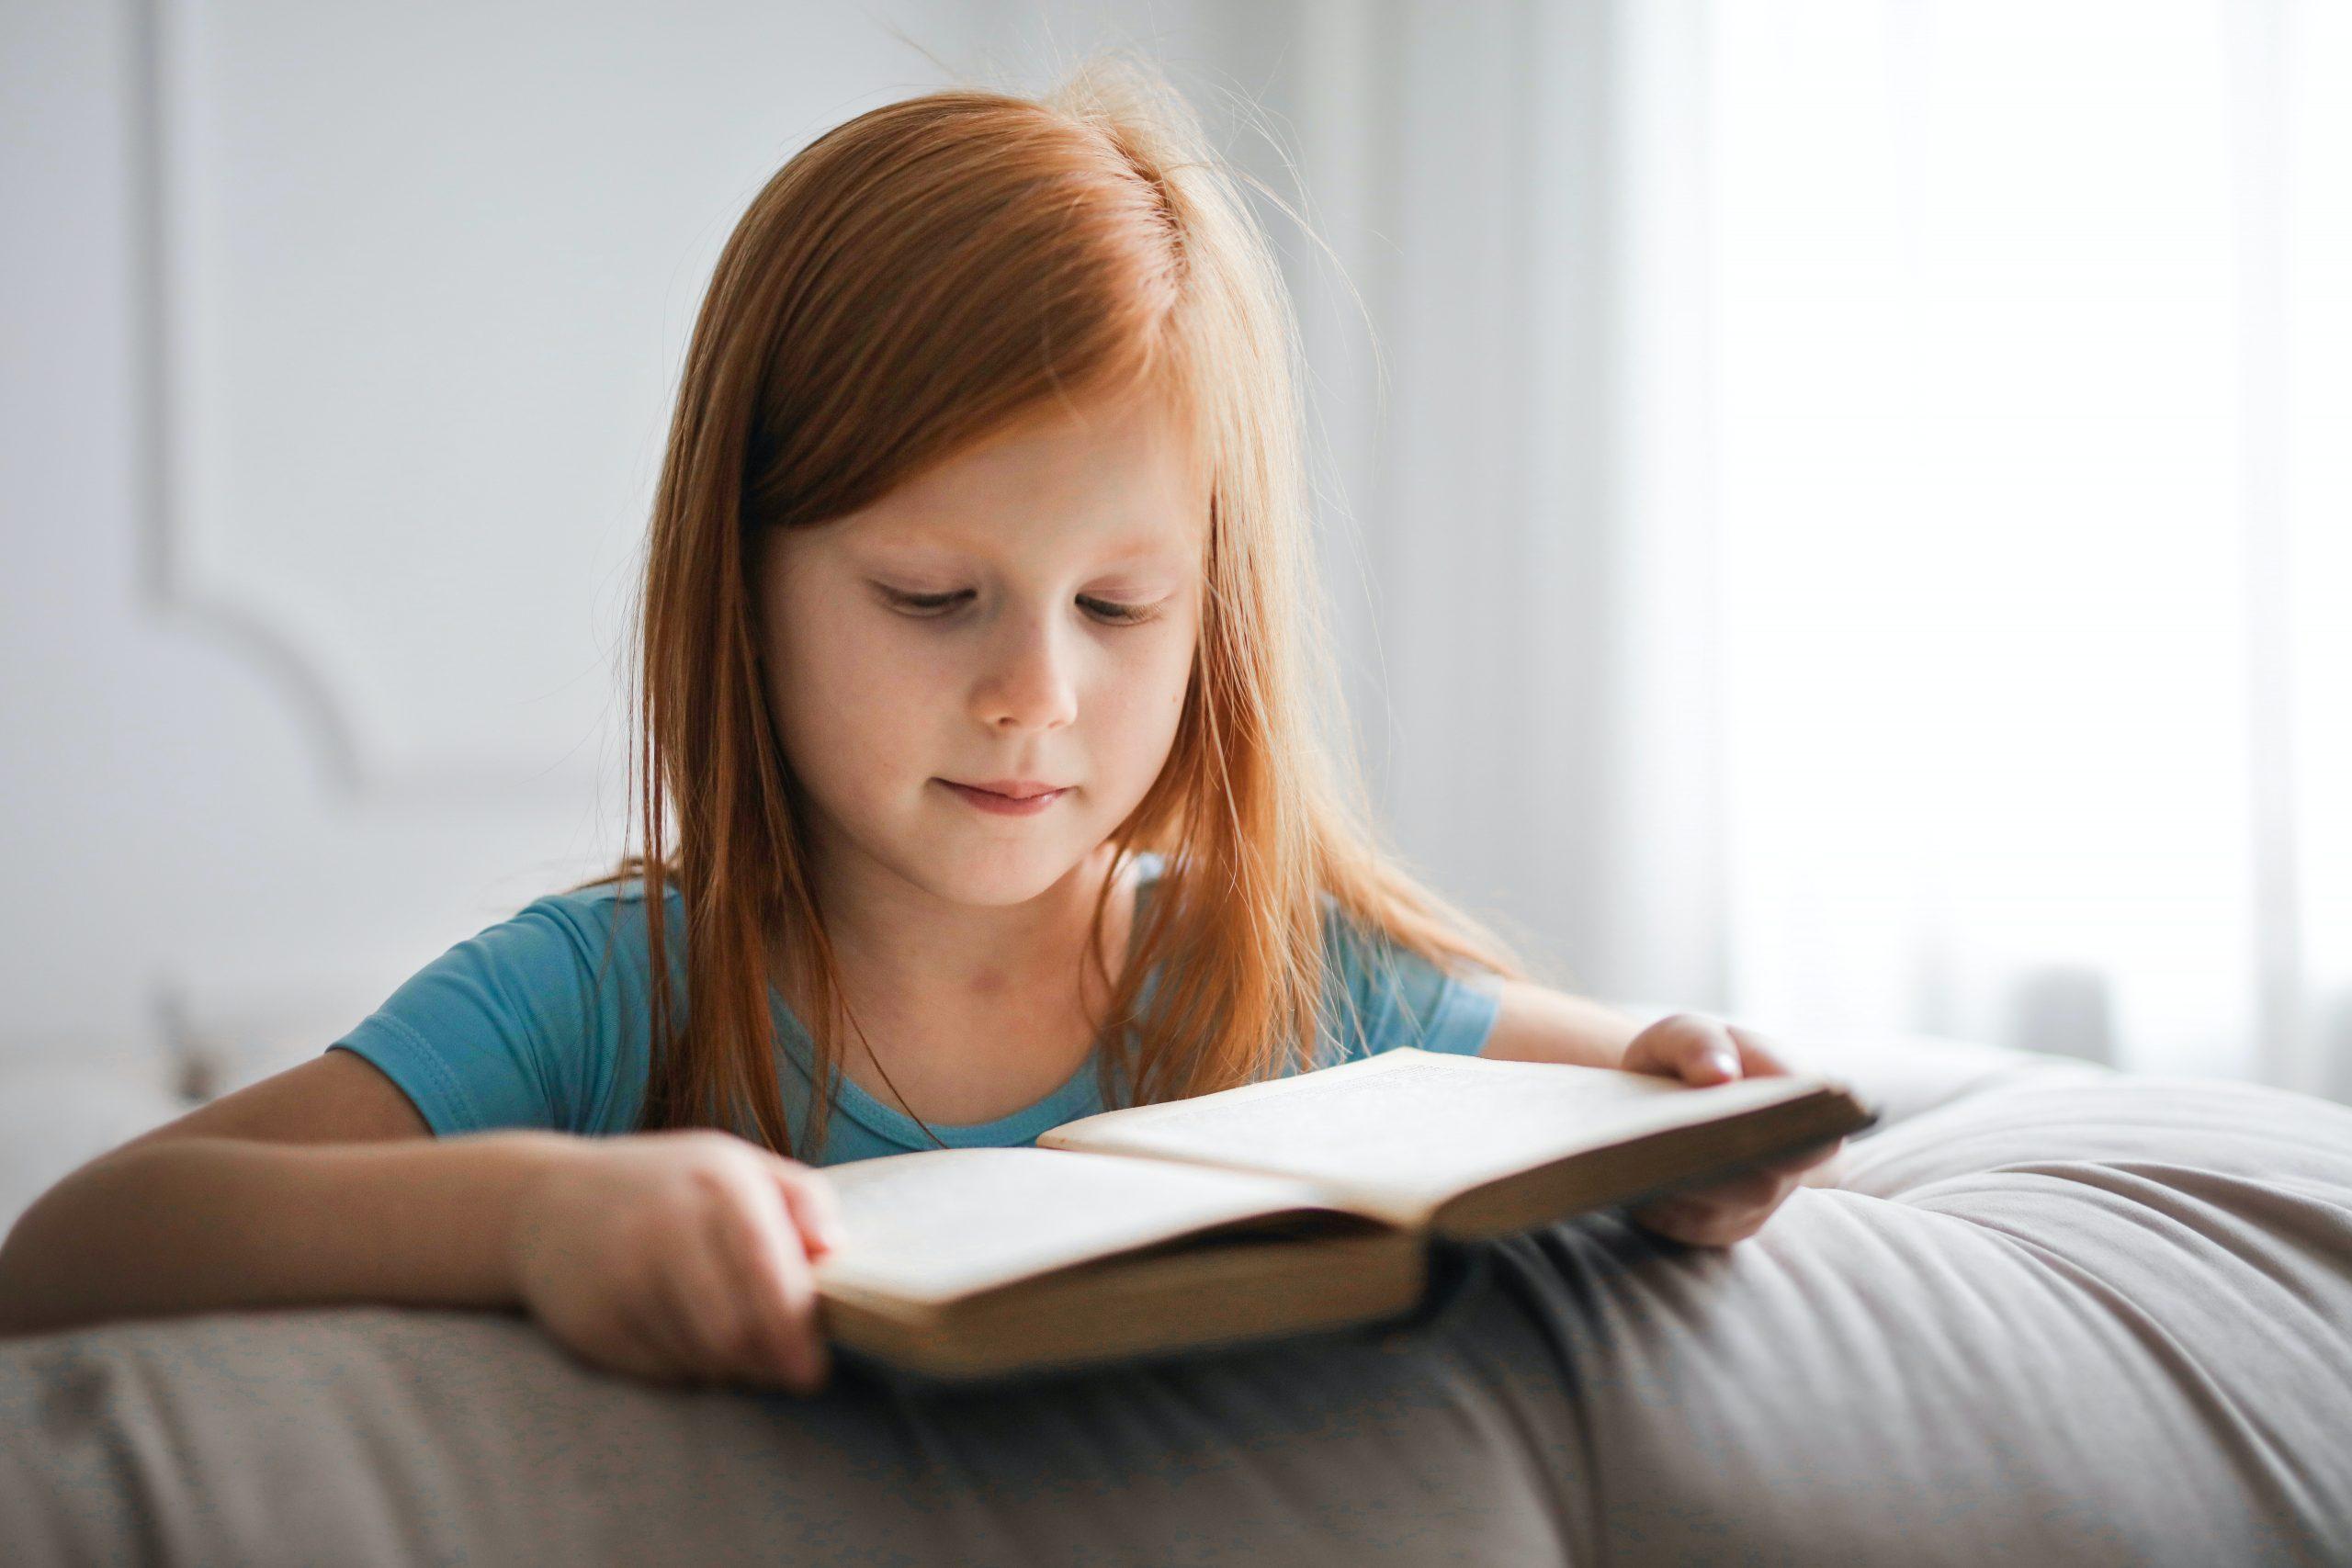 bralno razumevanje, razvojne stopnje, razvoj, dejavniki, izboljšanje bralnega razumevanja